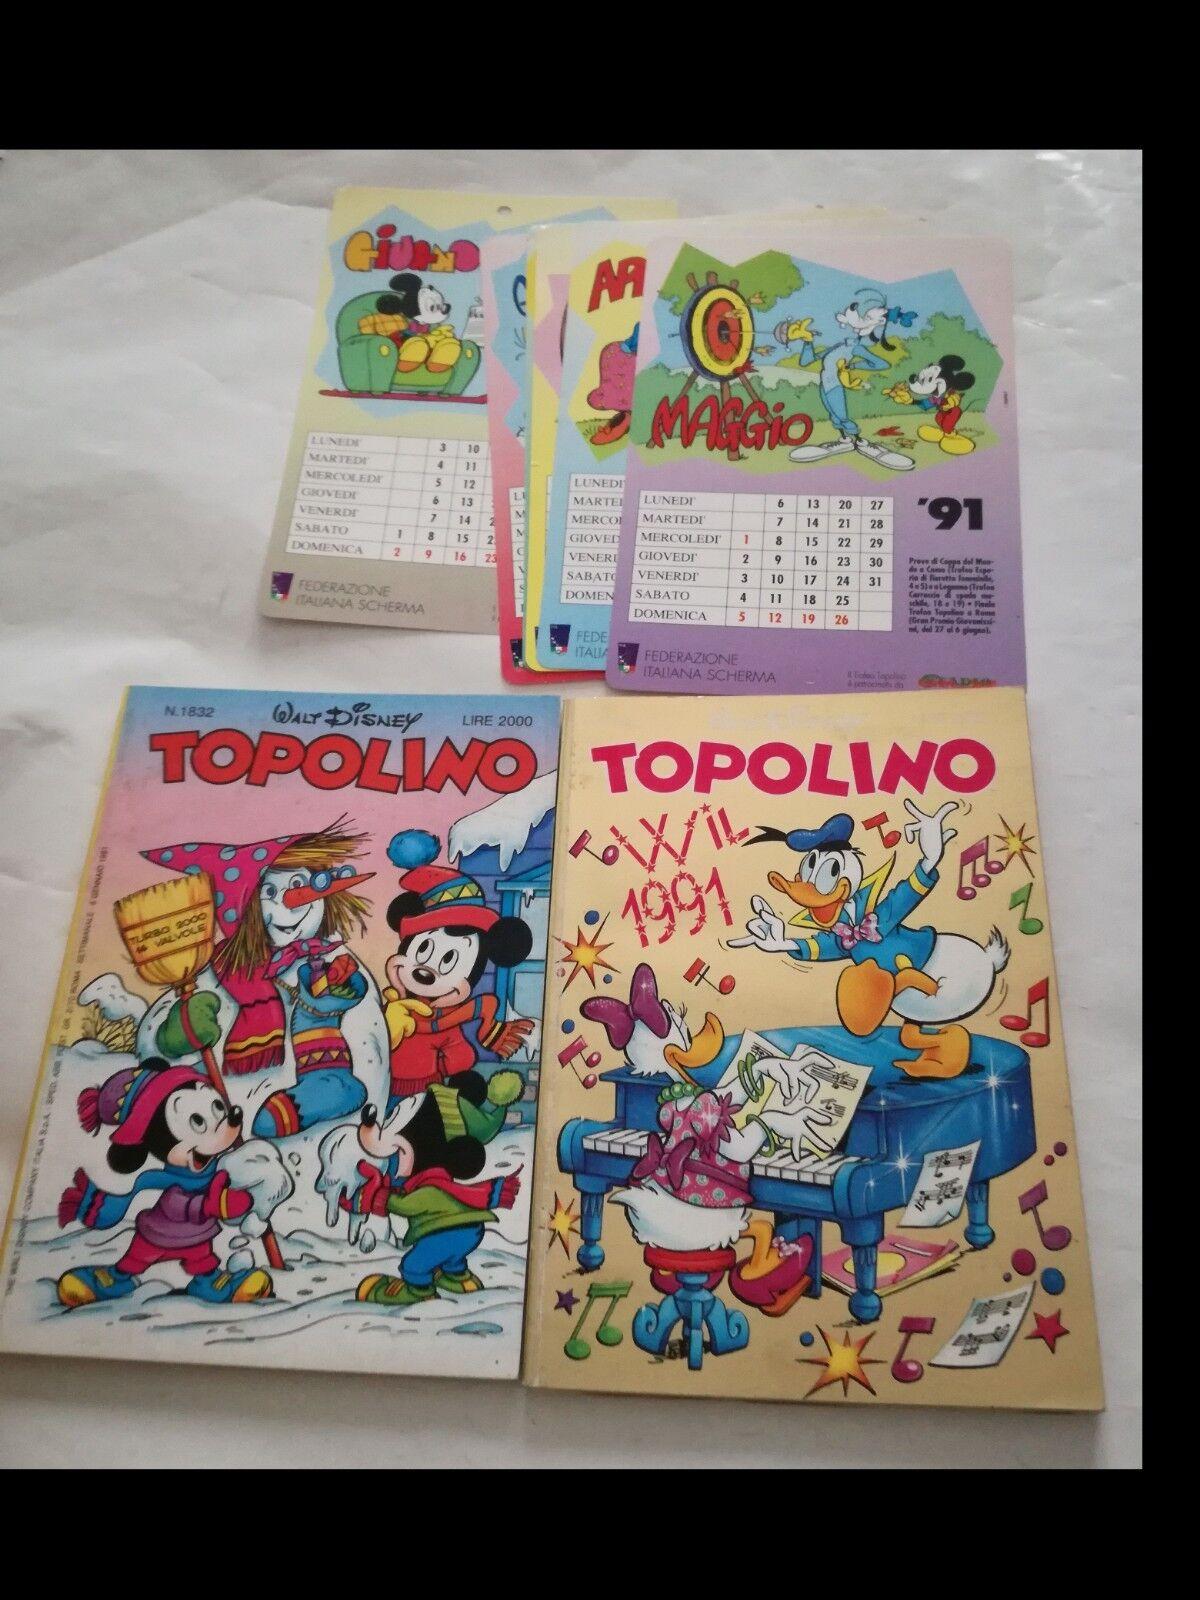 TOPOLINO 1931 e 1932 CON  ALLEGATO il calendario completo del 1991 a schede